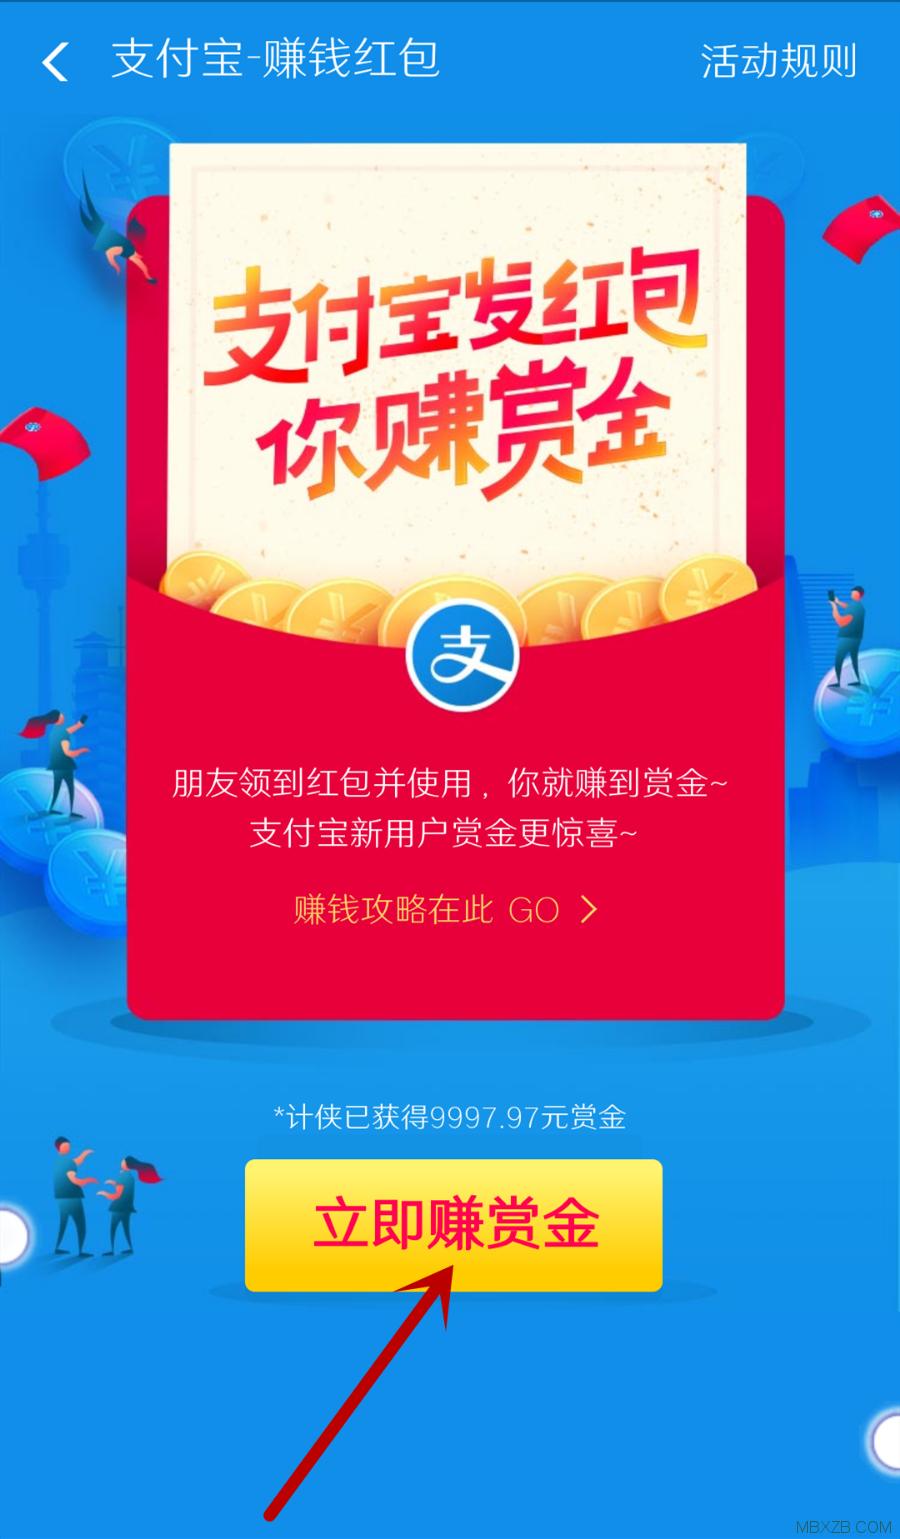 支付宝自动复制口令红包源码,多吱口令随机,QQ微信安卓苹果通用